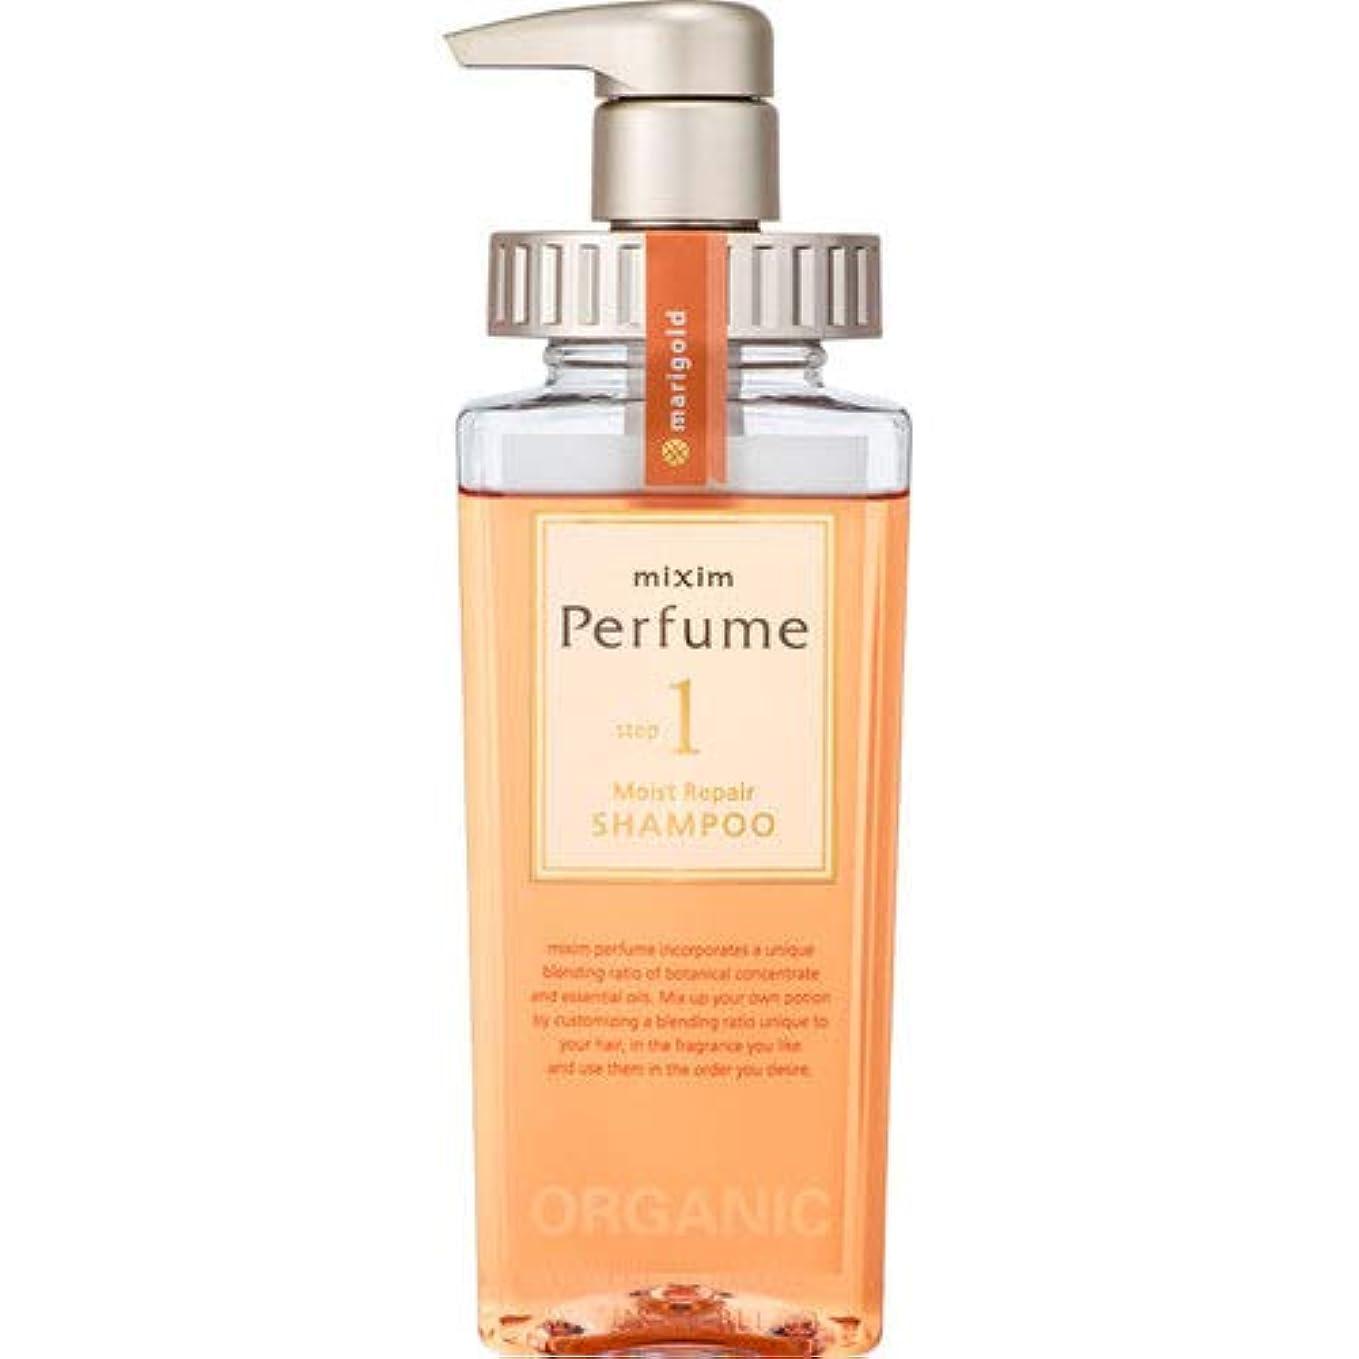 トロピカルコーナーアメリカmixim Perfume(ミクシムパフューム) モイストリペア シャンプー 440mL